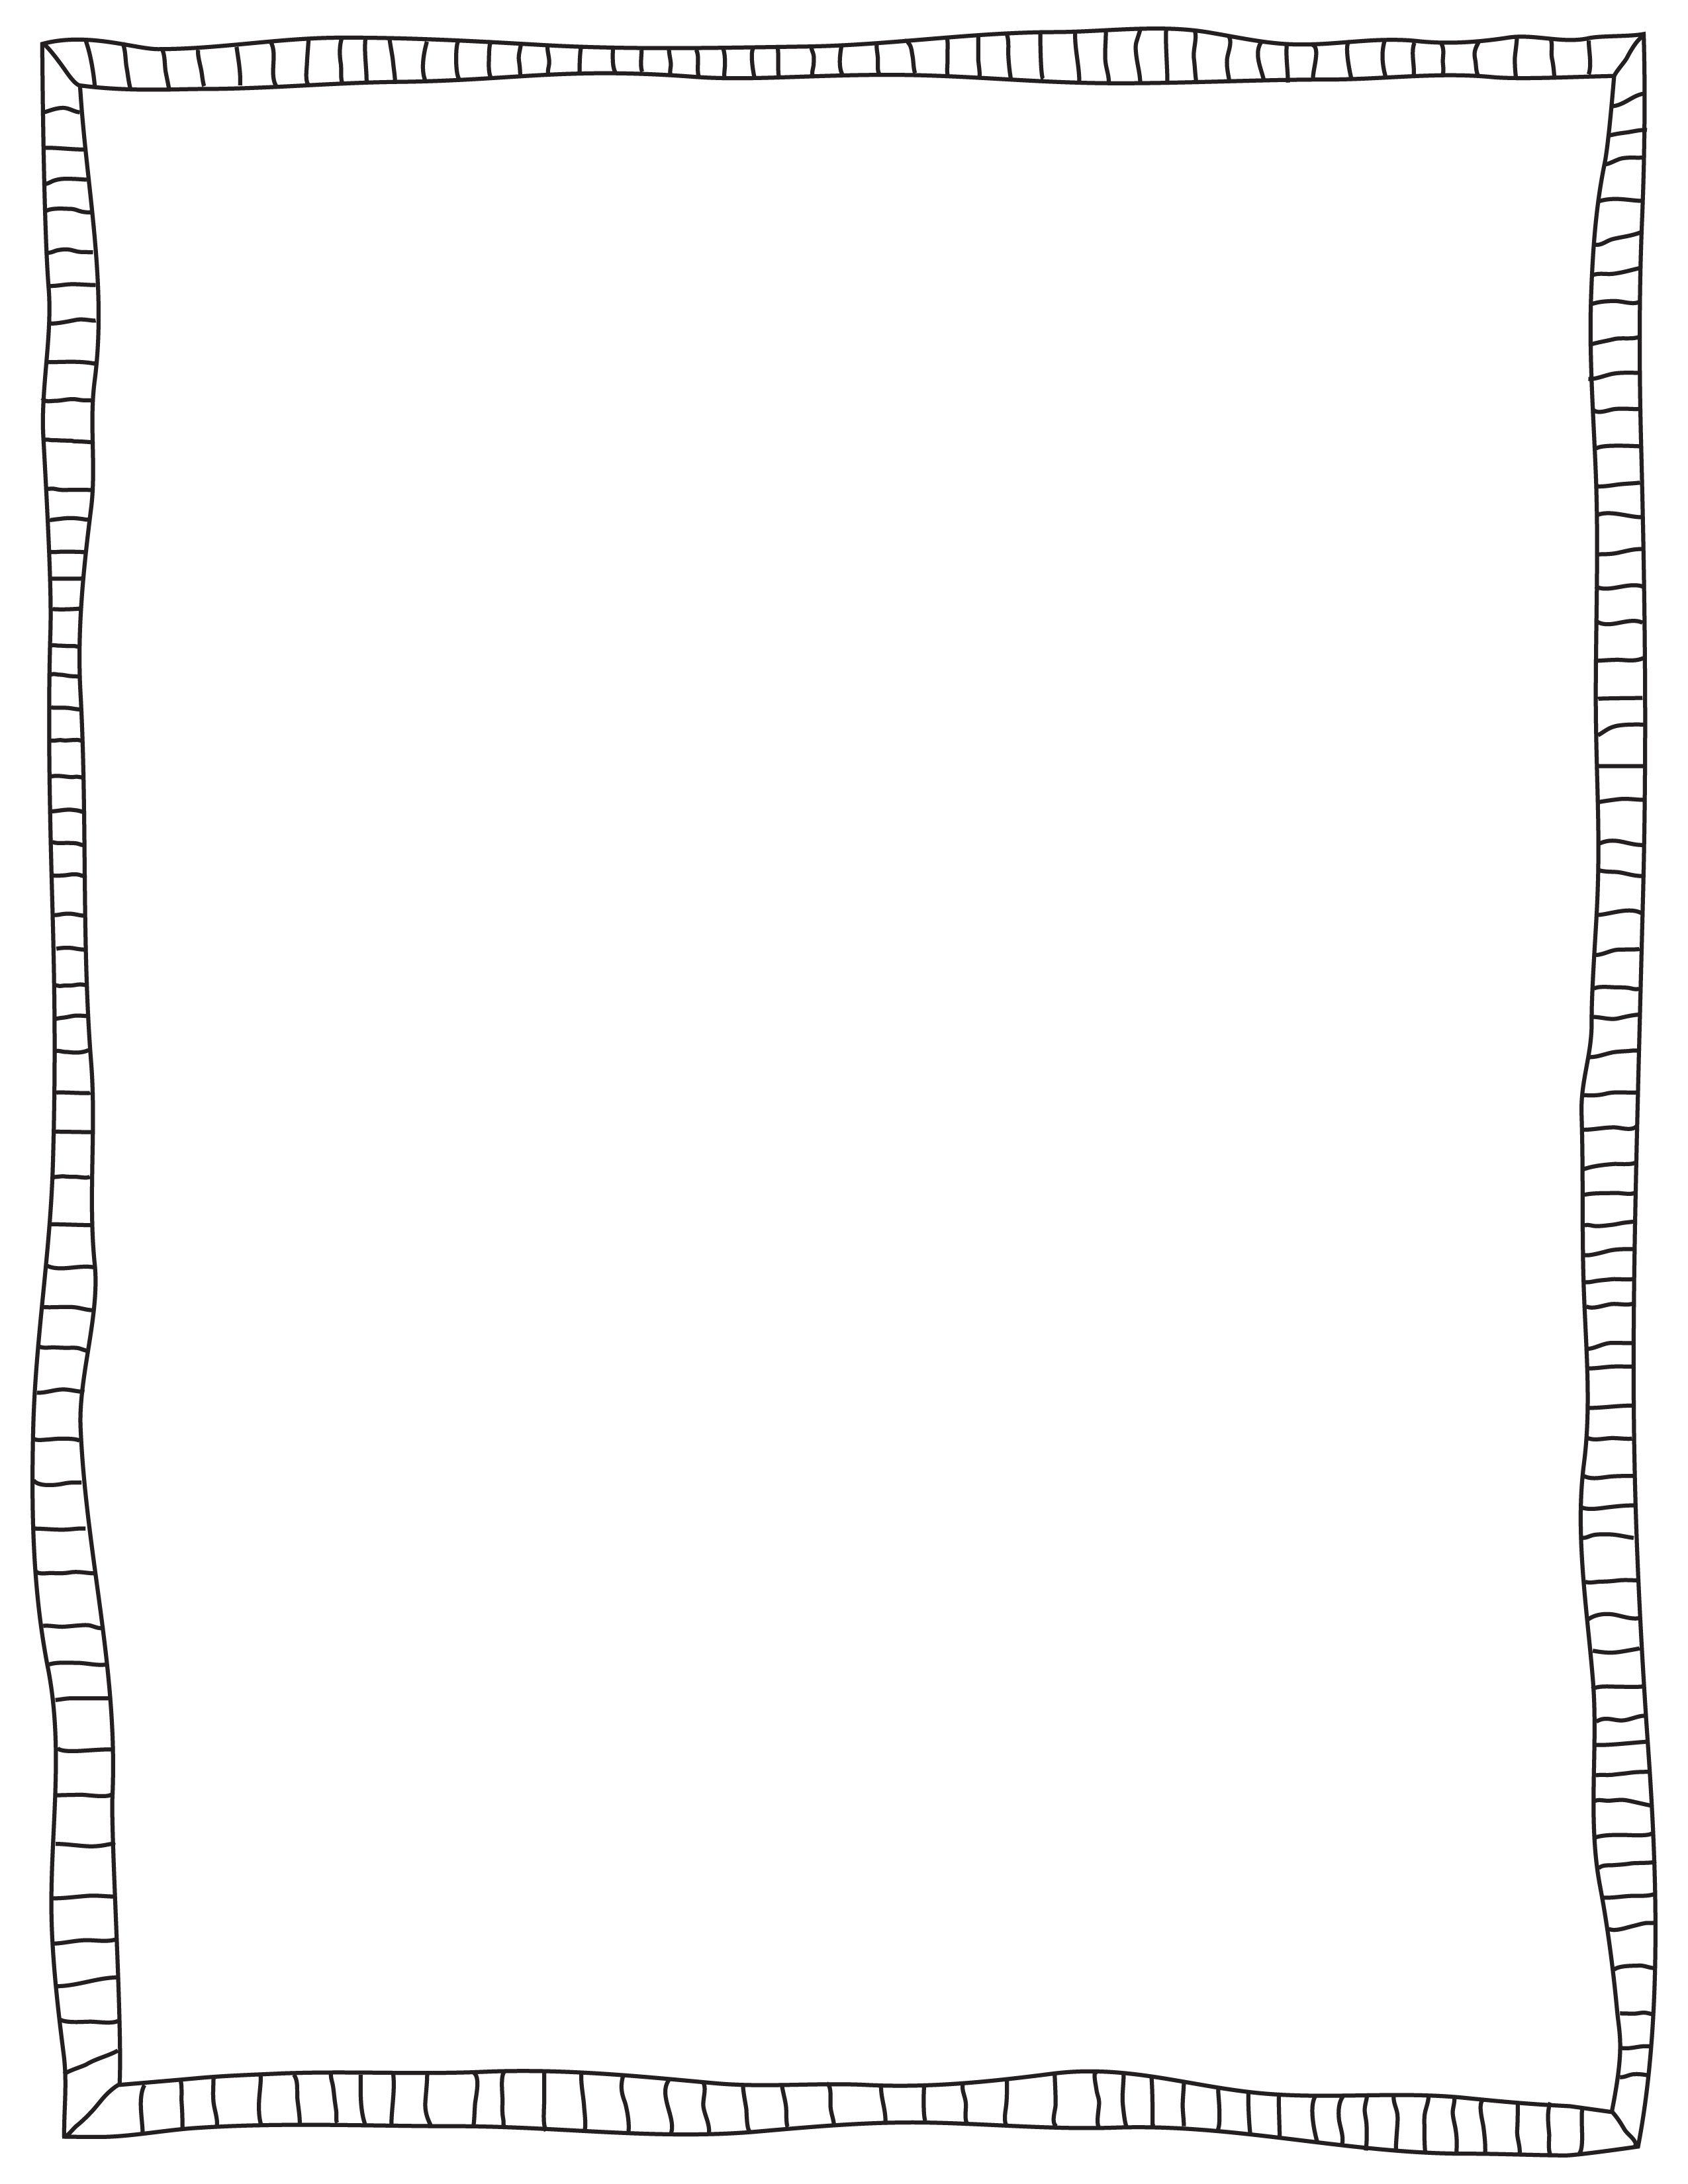 Black Doodled Border Frame Freebie Download With Images